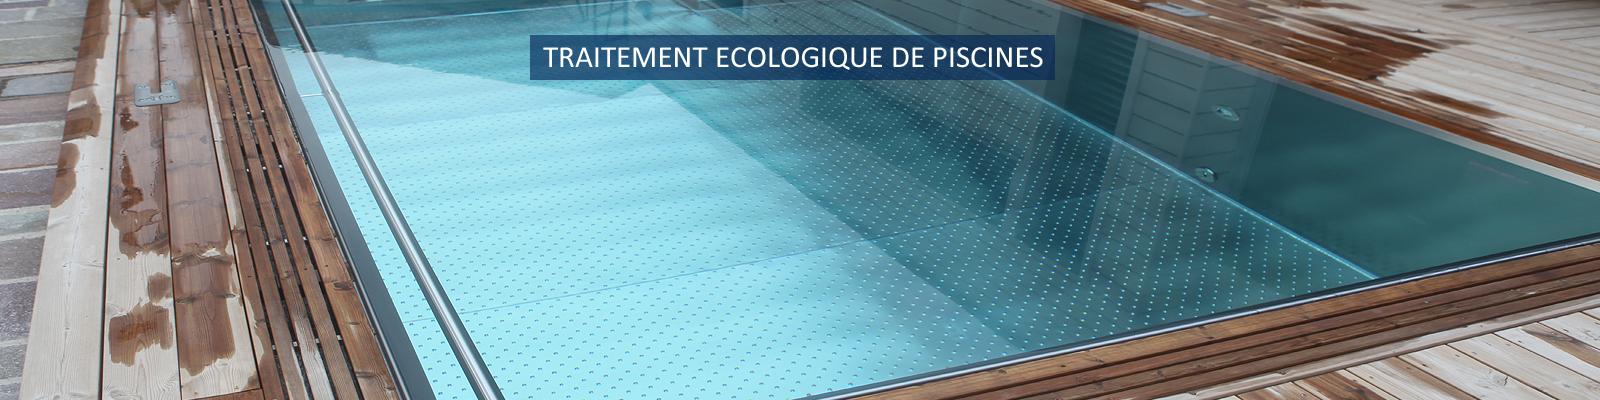 Traitement écologique piscine